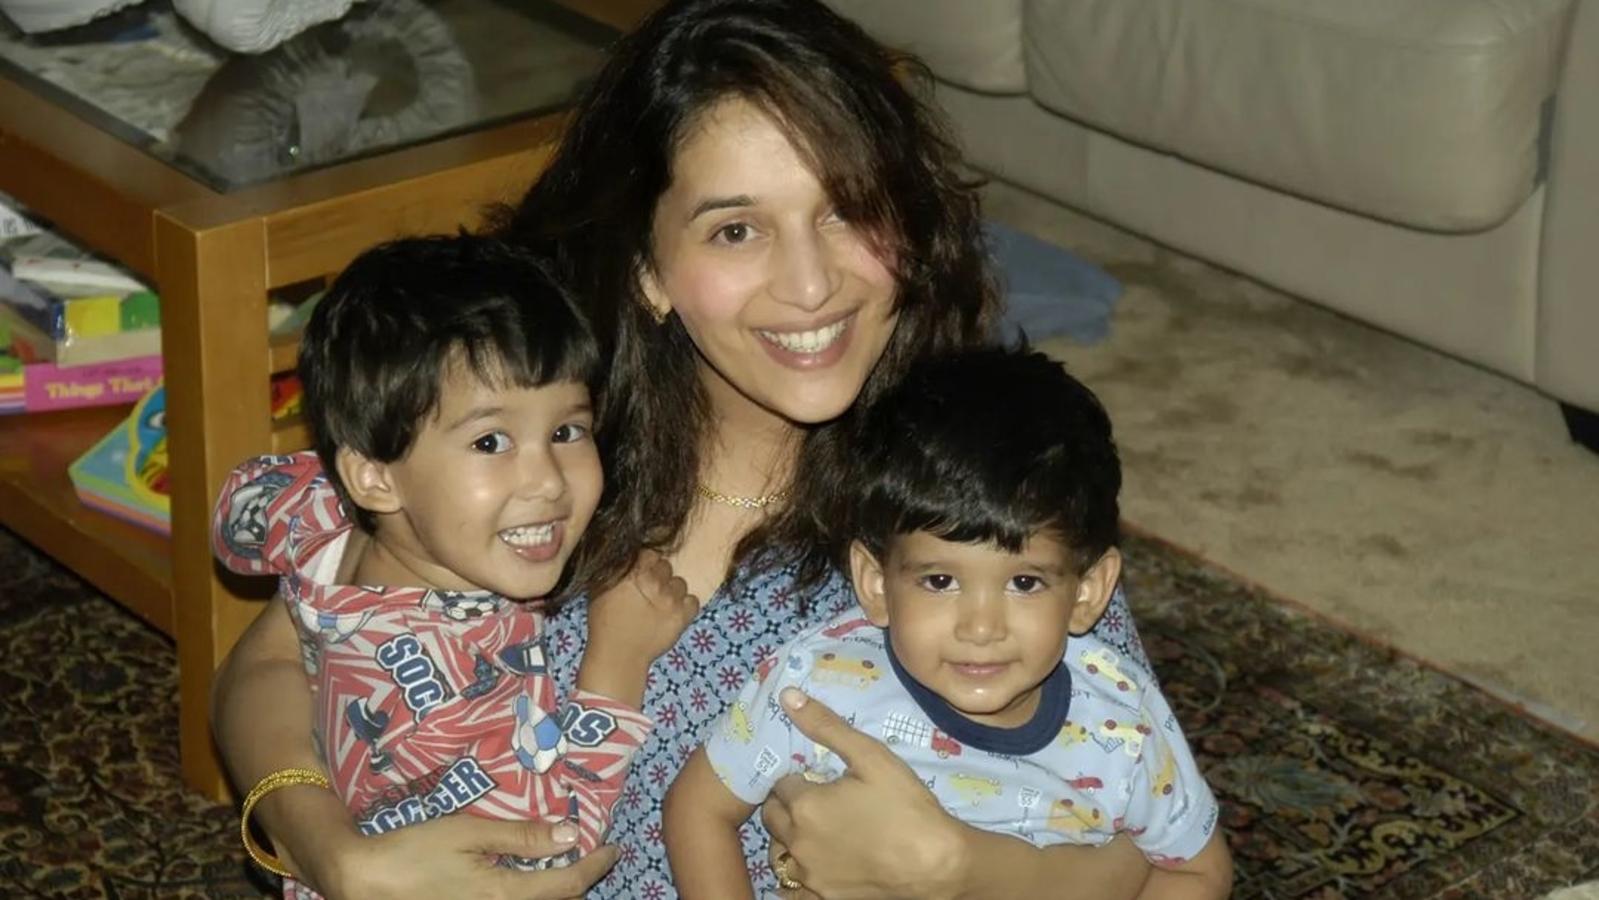 مادھوری نے اپنے بیٹوں آرن اور رایان کی خوبصورت بچپن کی تصویر شیئر کی